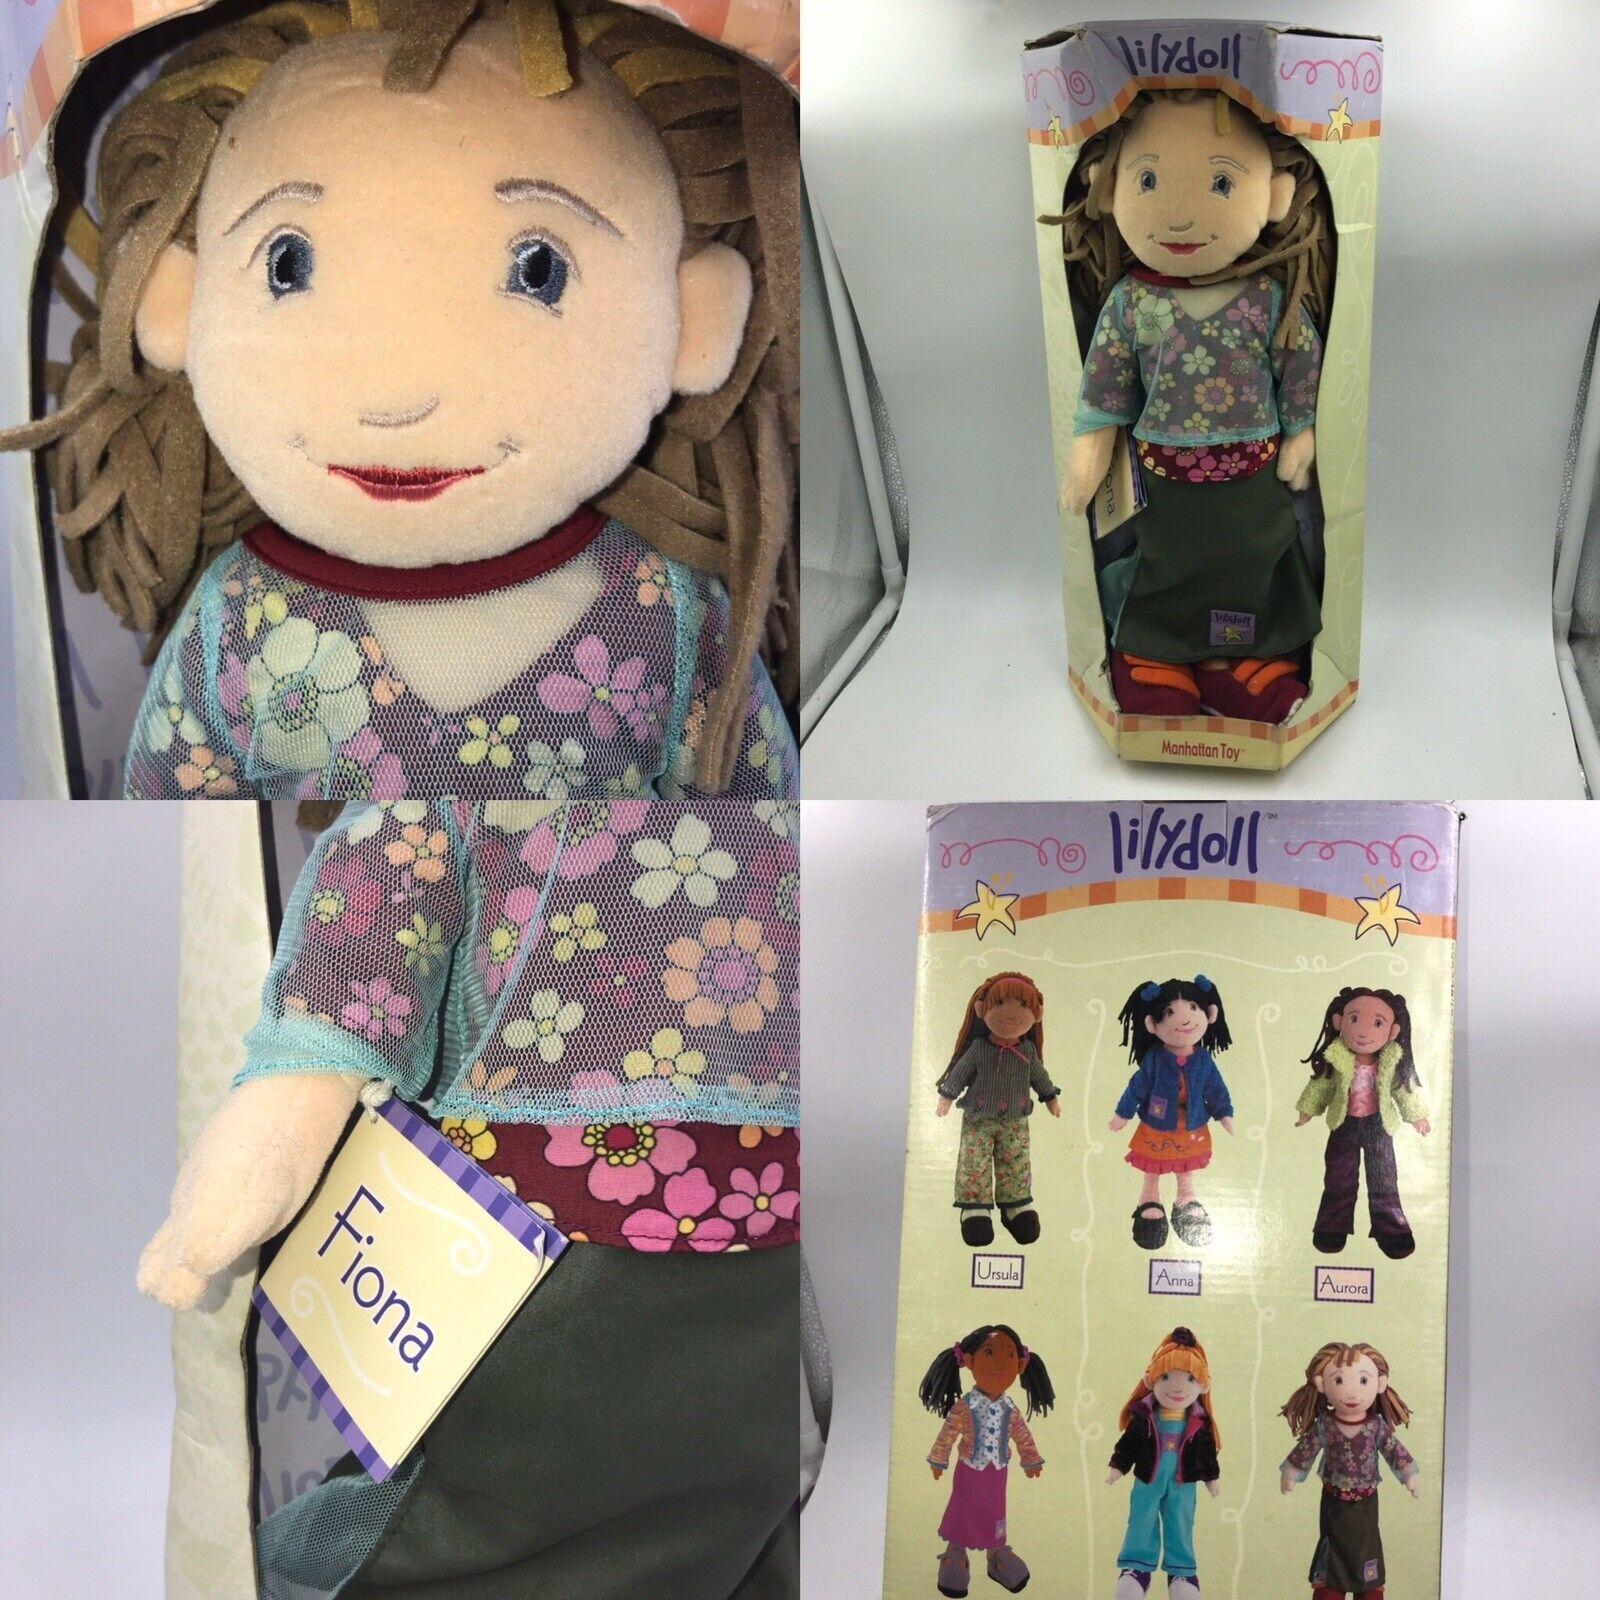 Ritirato uomoHATTAN giocattolo lilybambola Bambola di  pezza Fiona 18  Bambola 2001 NUOVO  best-seller